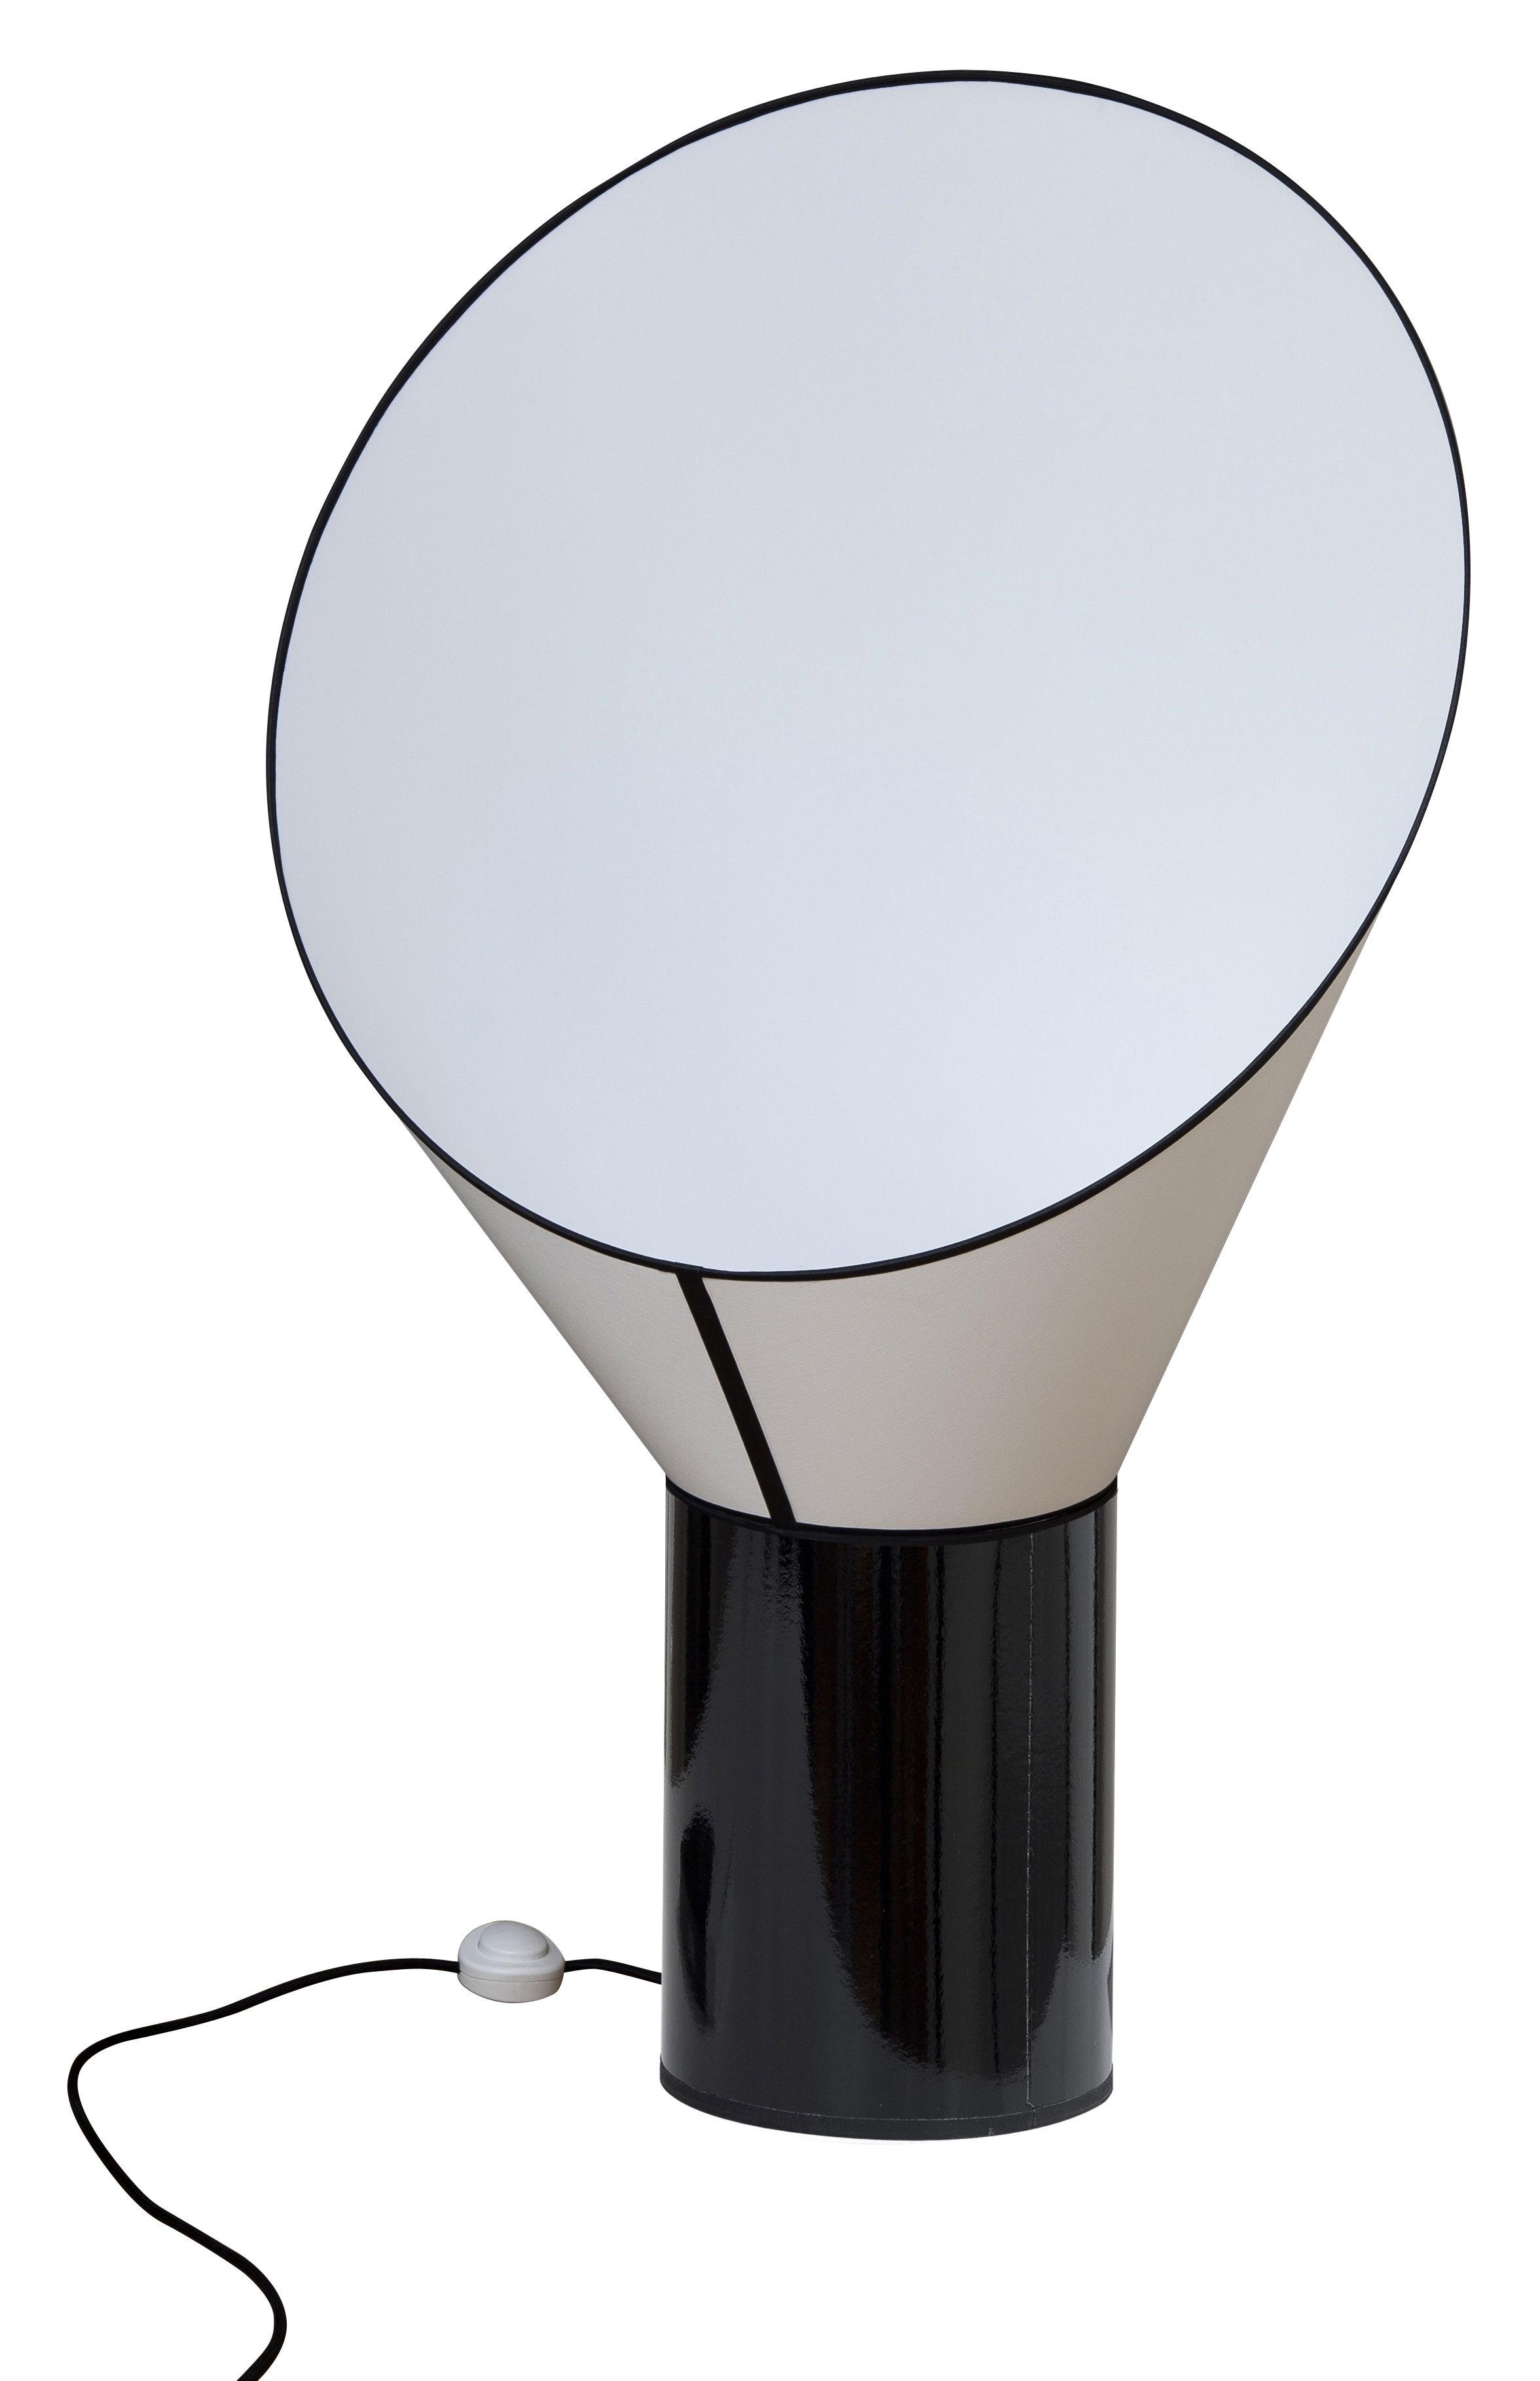 Leuchten - Bodenleuchten - Grand Cargo Bodenleuchte H 117 cm - Designheure - Zylinder-Element schwarz / Schornstein-Element weiß - Percaline de coton, Stahl